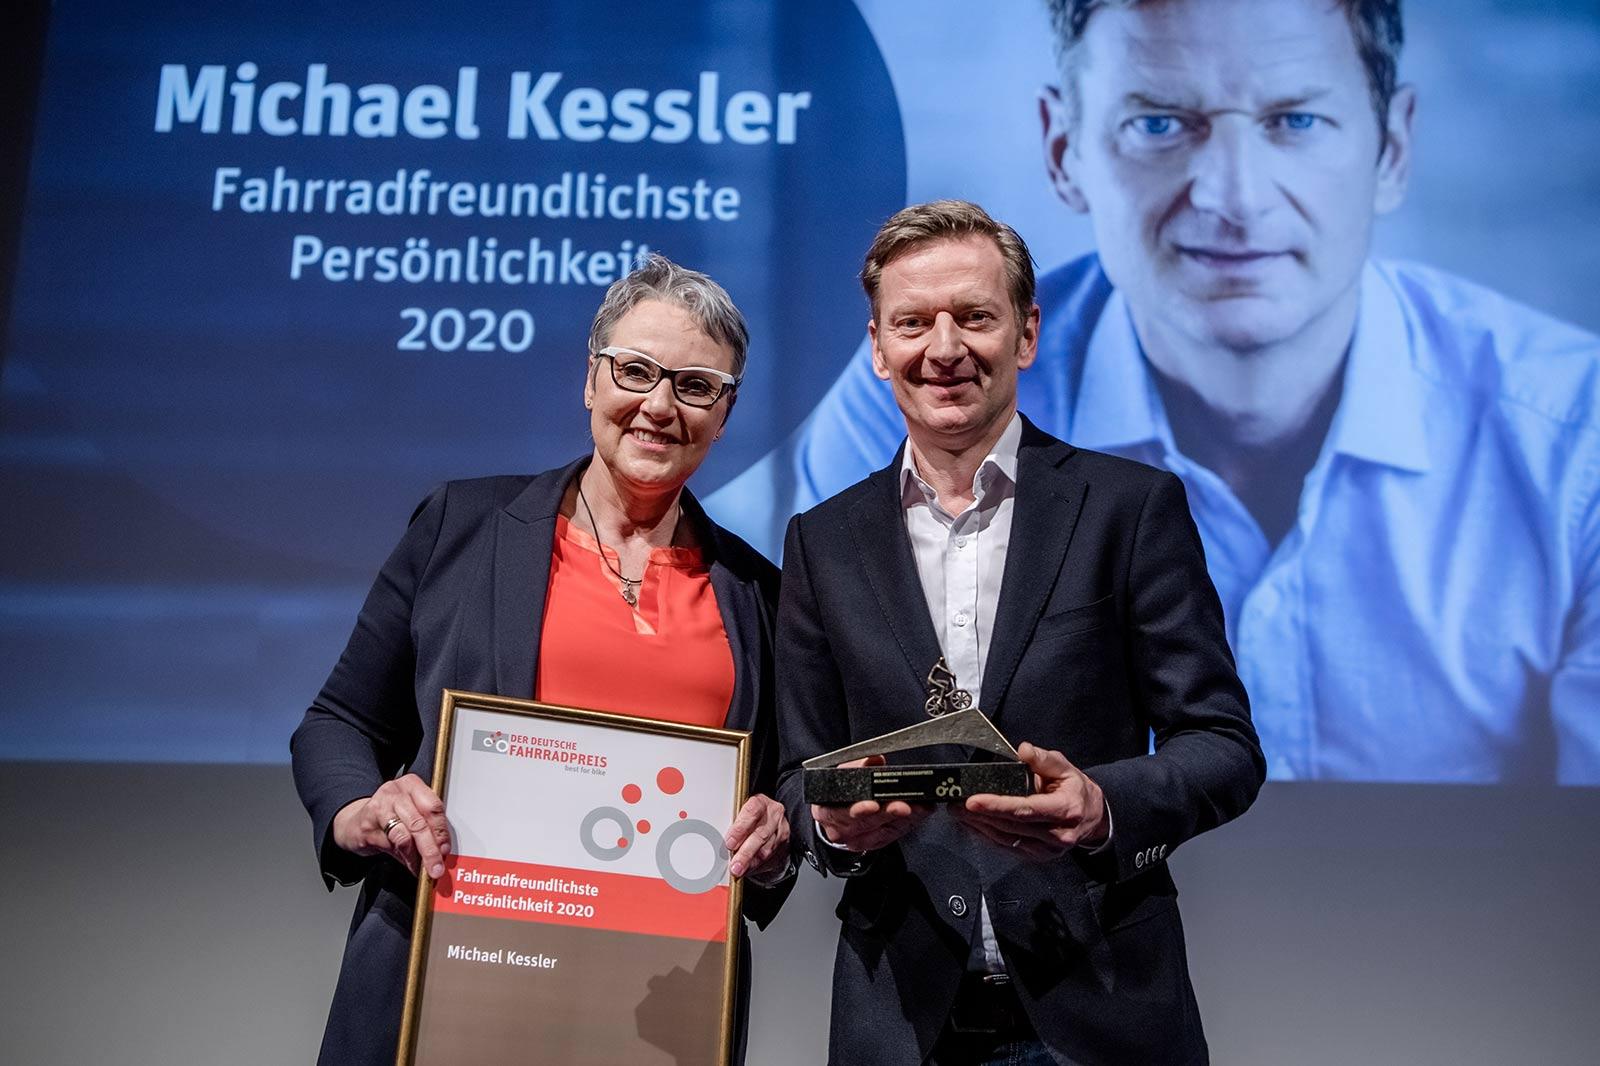 Christine Fuchs und Michael Kessler halten lächelnd Urkunde und Preis in die Kamera.